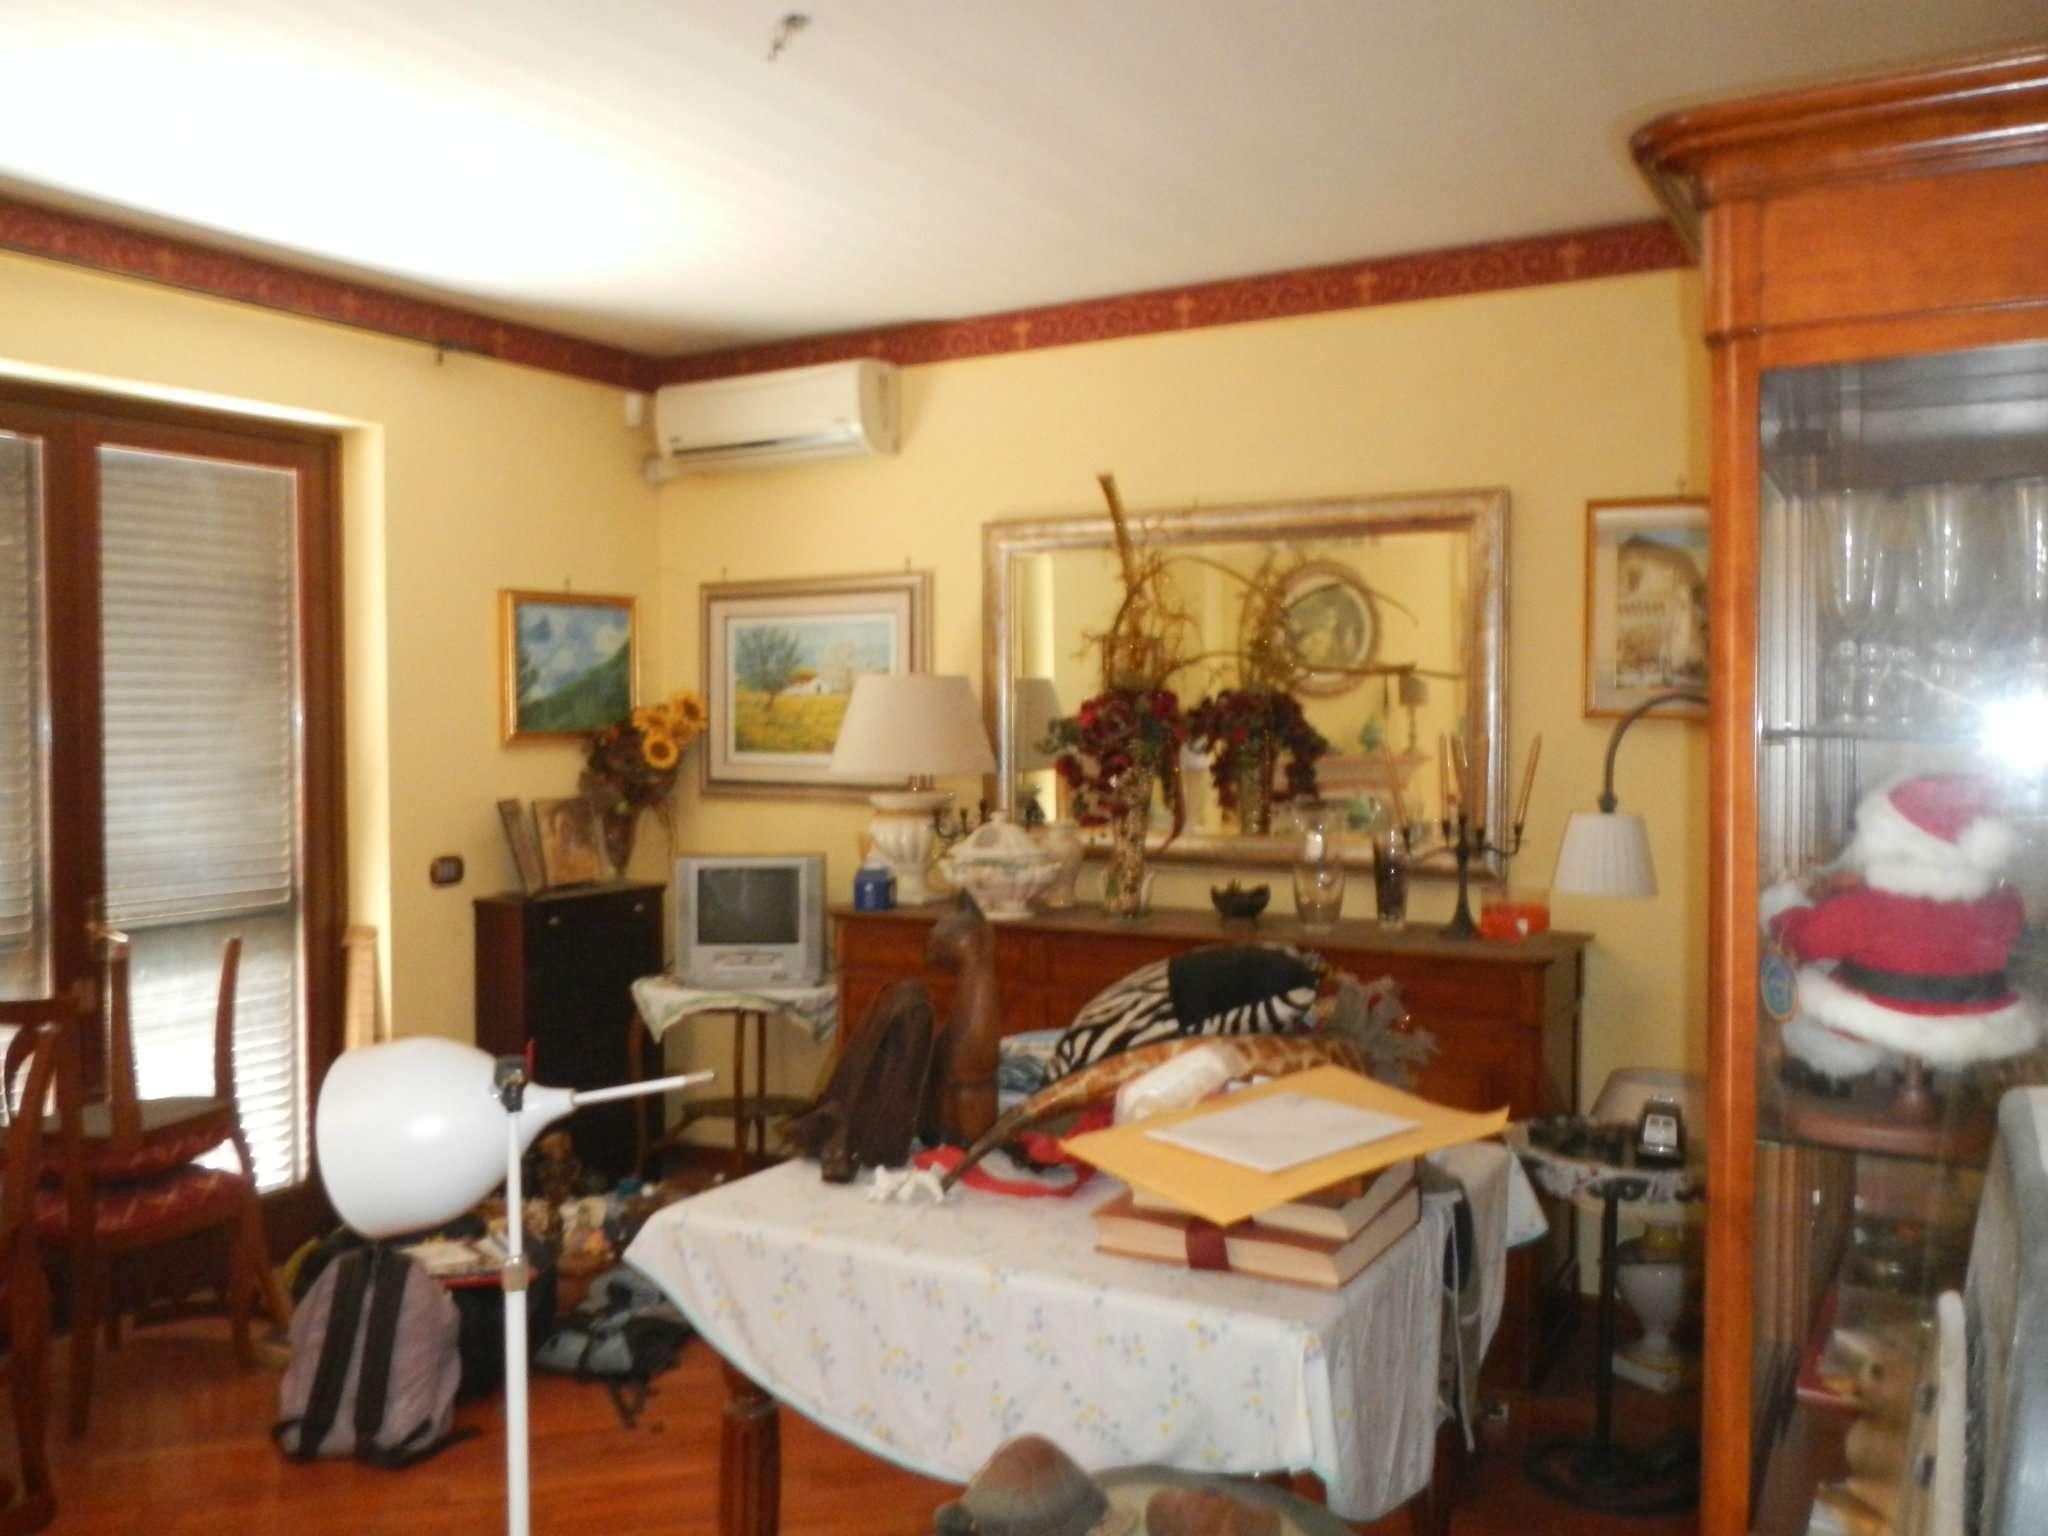 Soluzione Indipendente in vendita a Guidonia Montecelio, 6 locali, prezzo € 280.000 | Cambio Casa.it